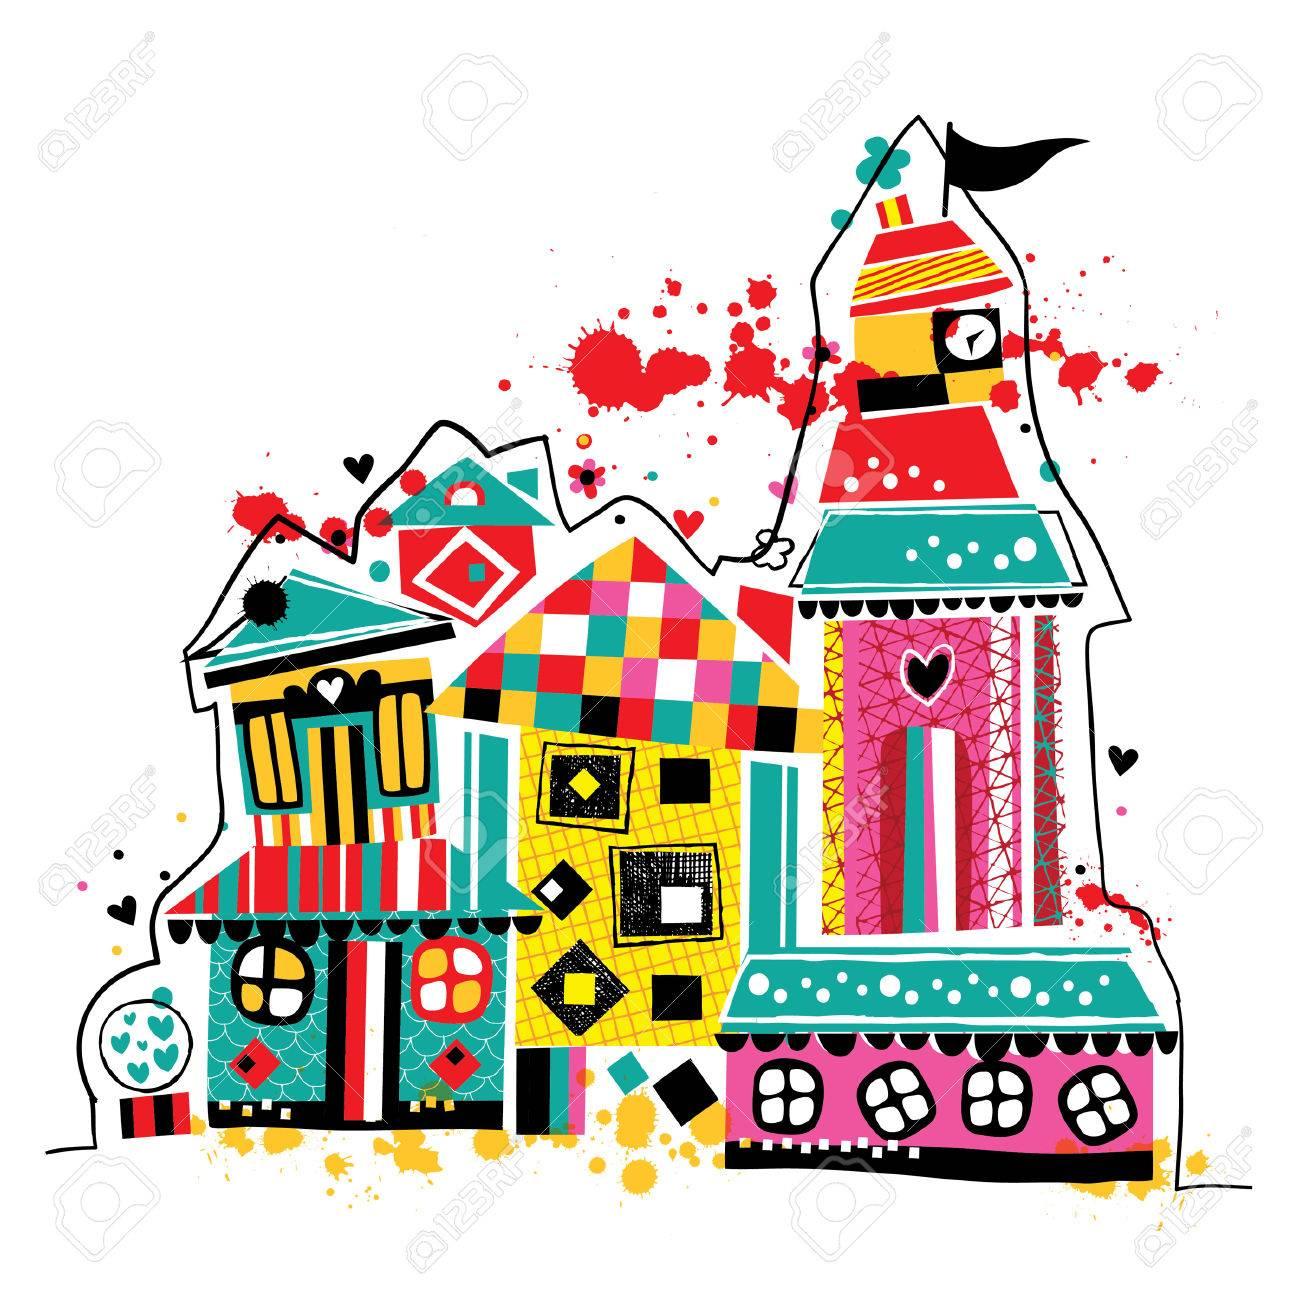 夢の家イラストのイラスト素材ベクタ Image 39466669